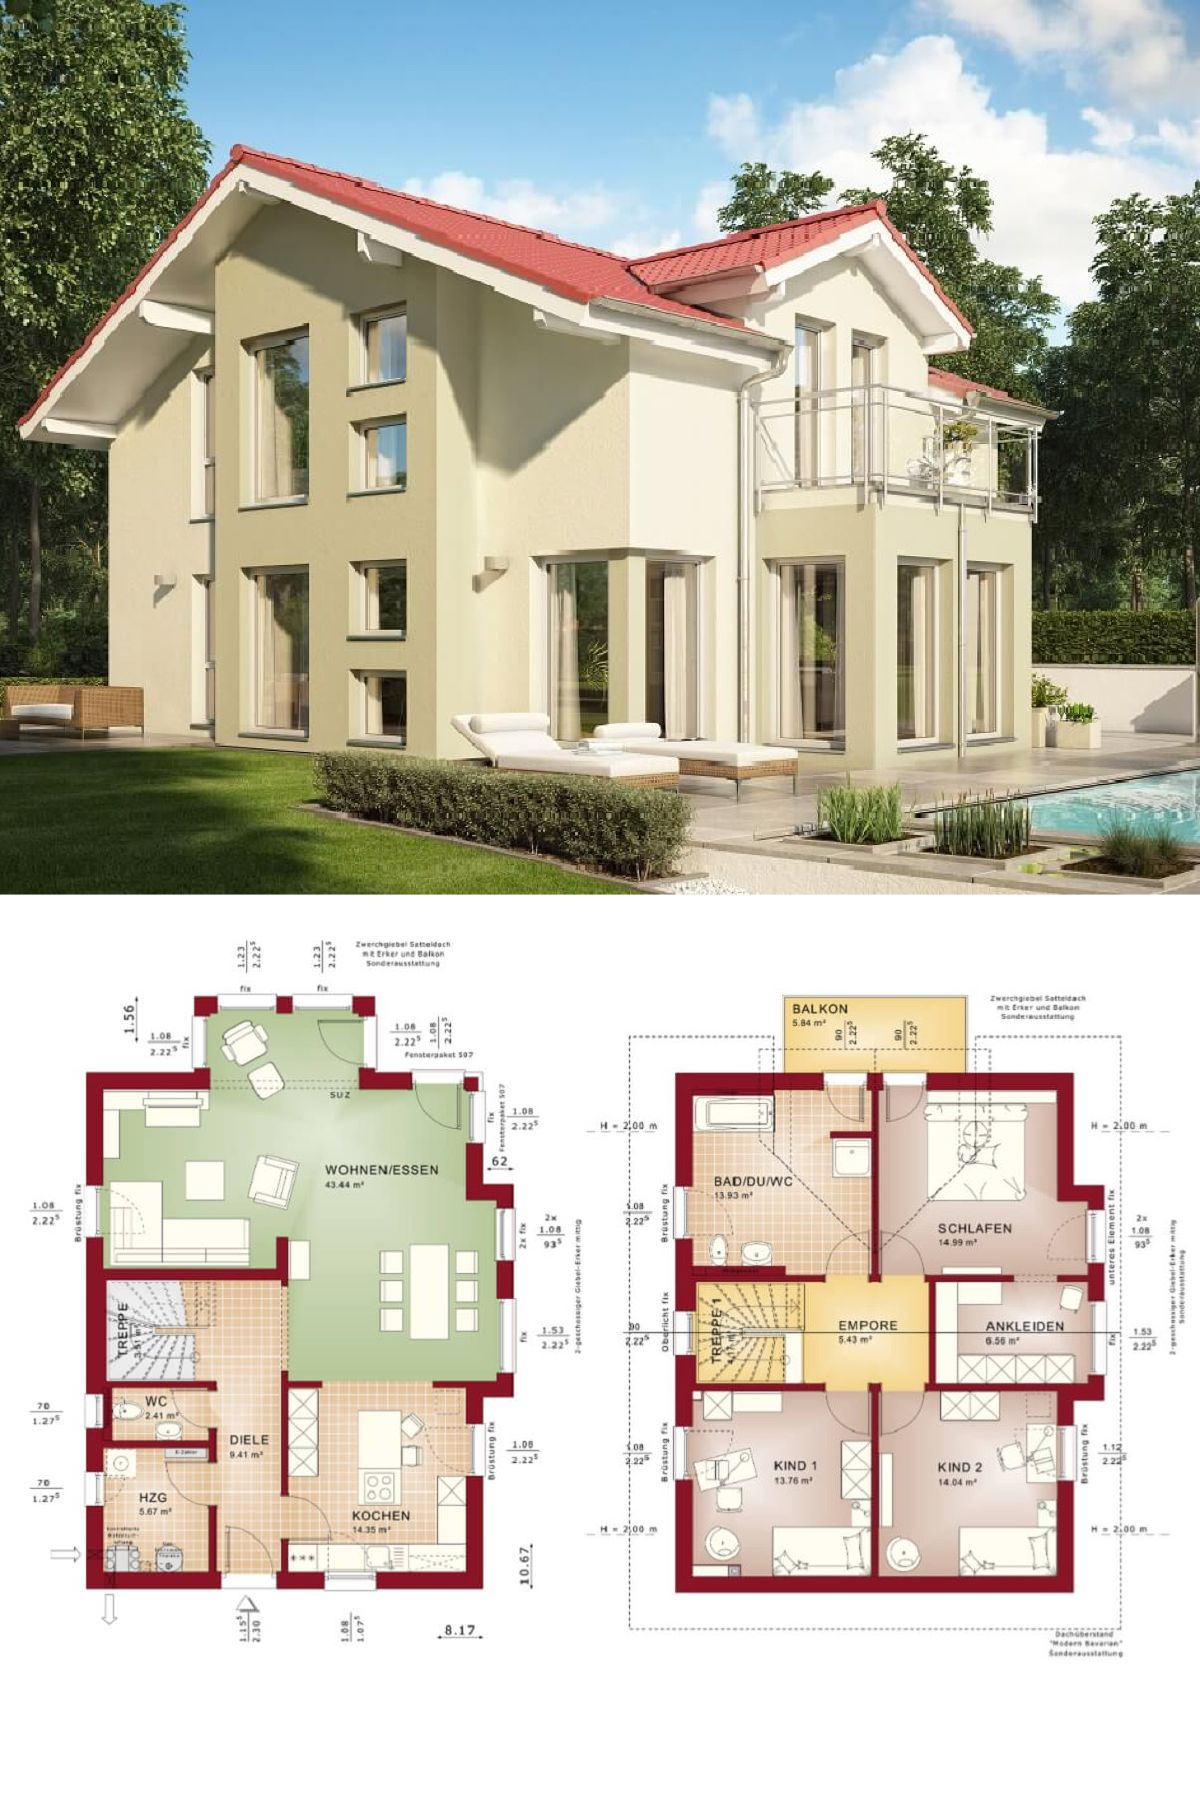 Modernes Haus mit Satteldach - Einfamilienhaus Celebration 137 V9 ...